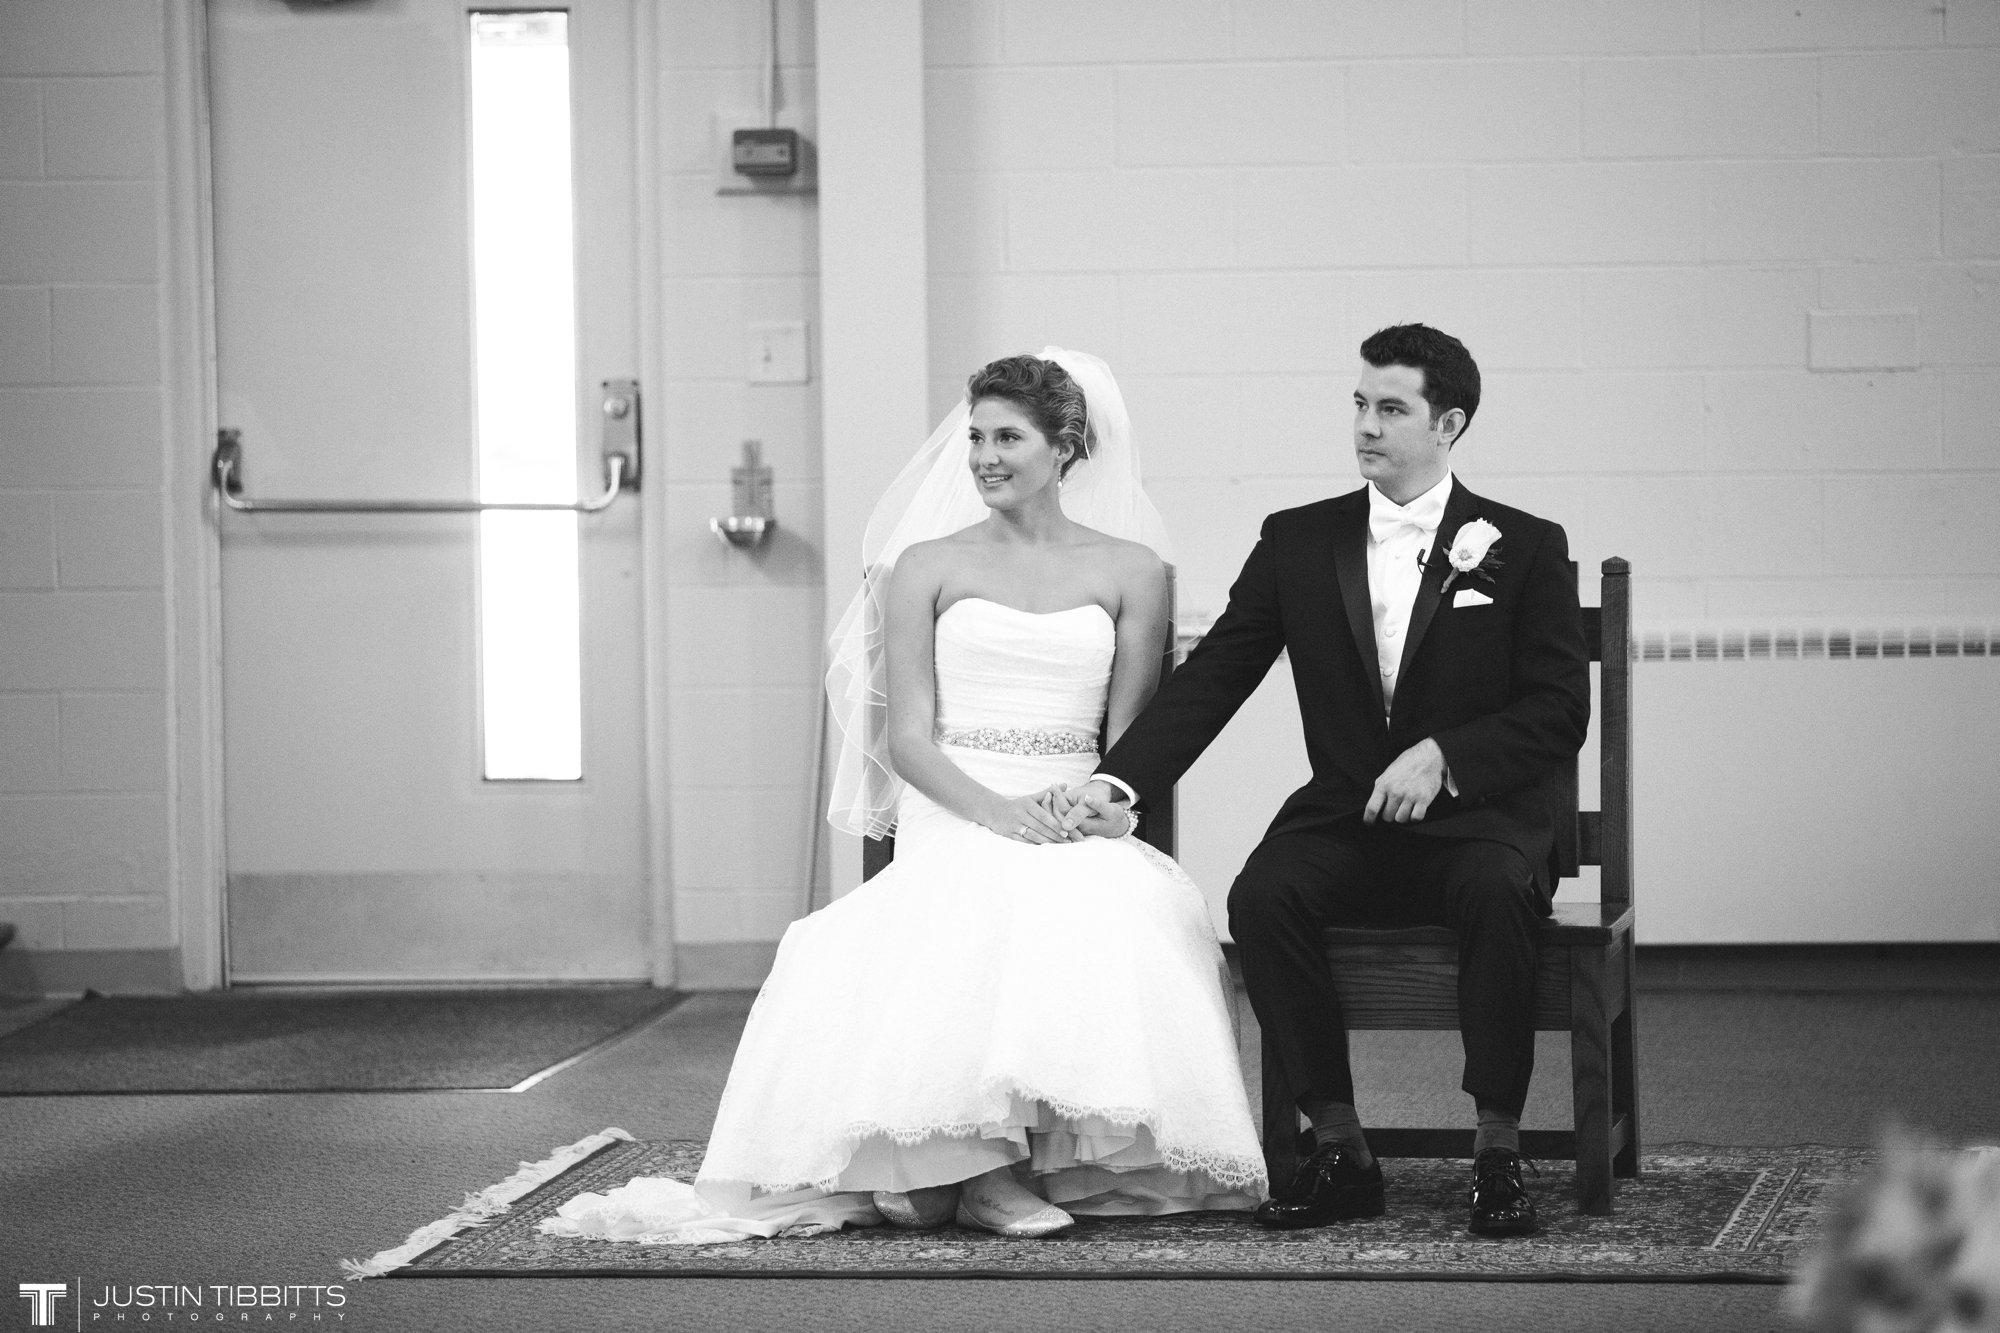 Albany NY Wedding Photographer Justin Tibbitts Photography 2014 Best of Albany NY Weddings-2383651527